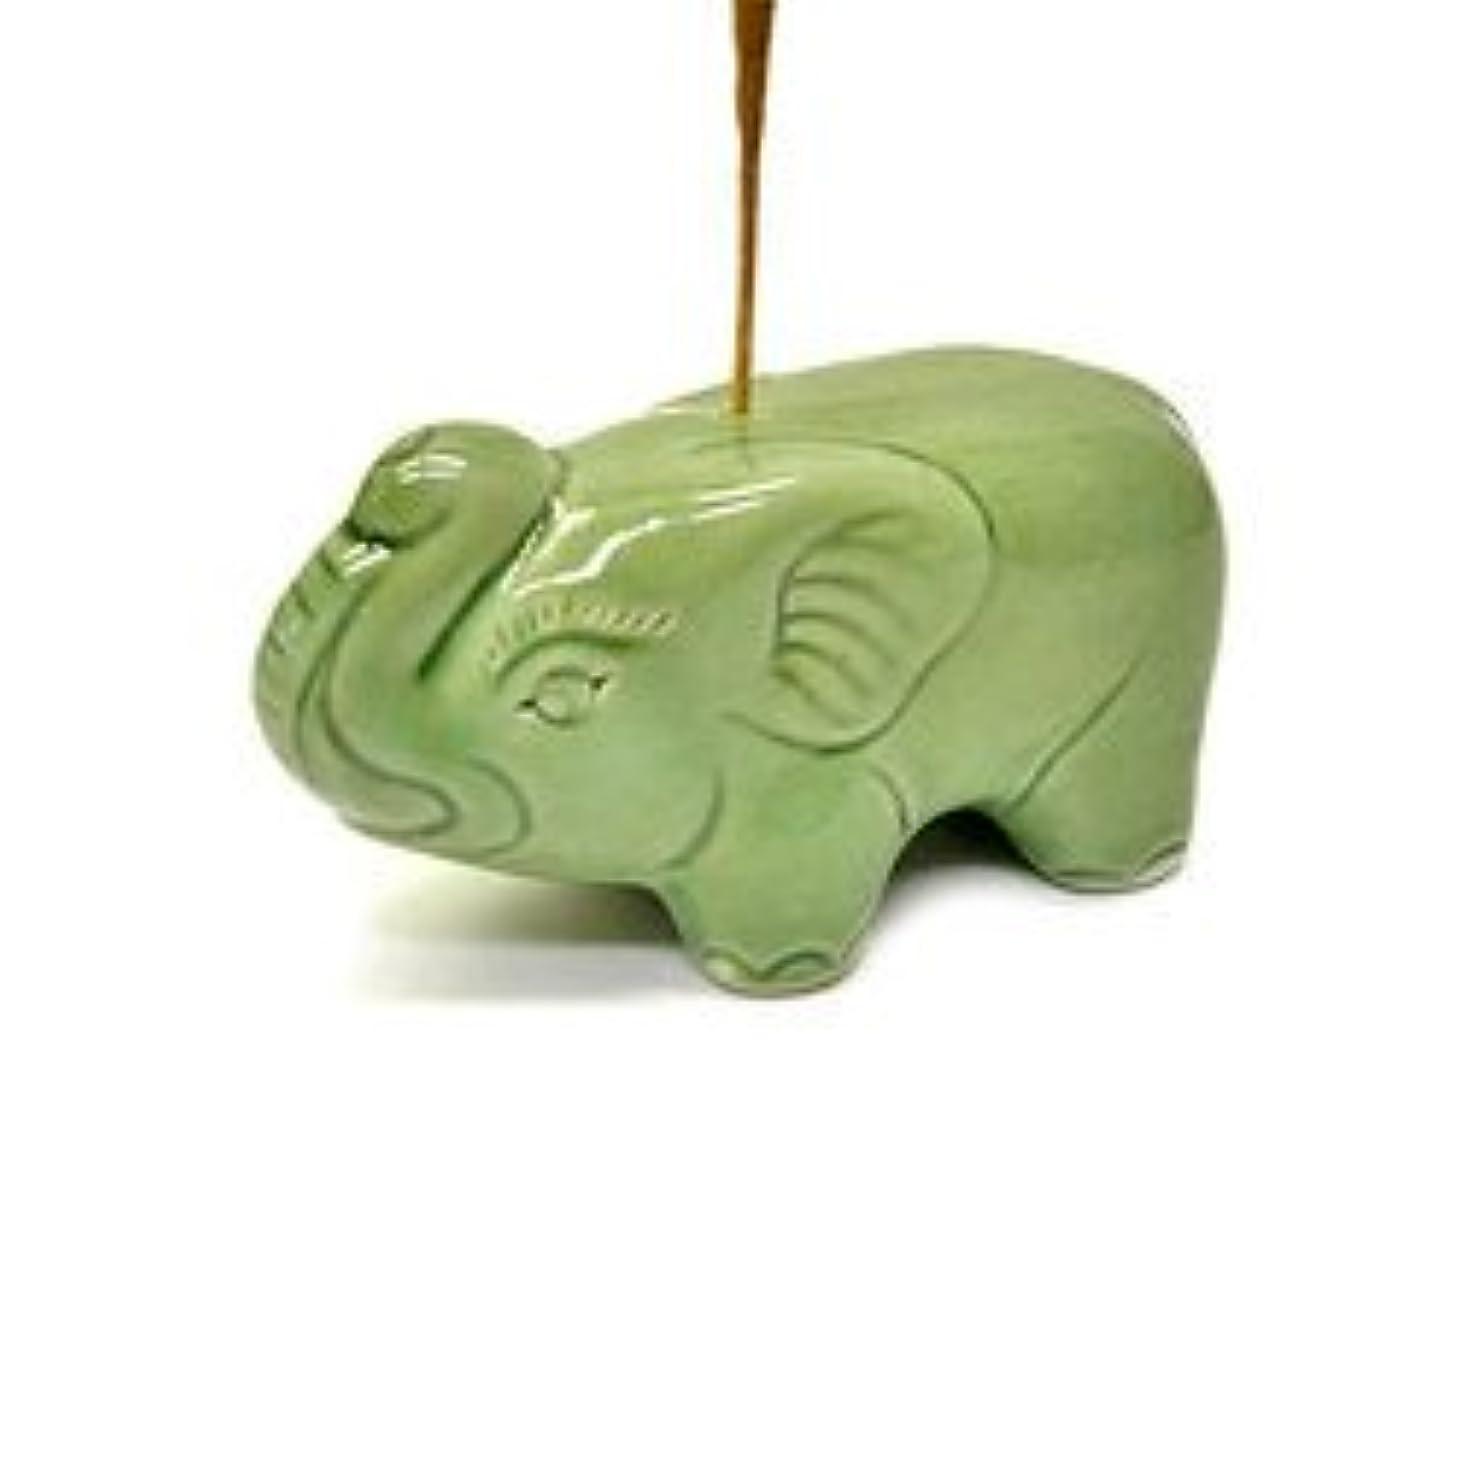 一貫した企業労苦象さんのお香立て <緑> インセンスホルダー/スティックタイプ用お香立て・お香たて アジアン雑貨